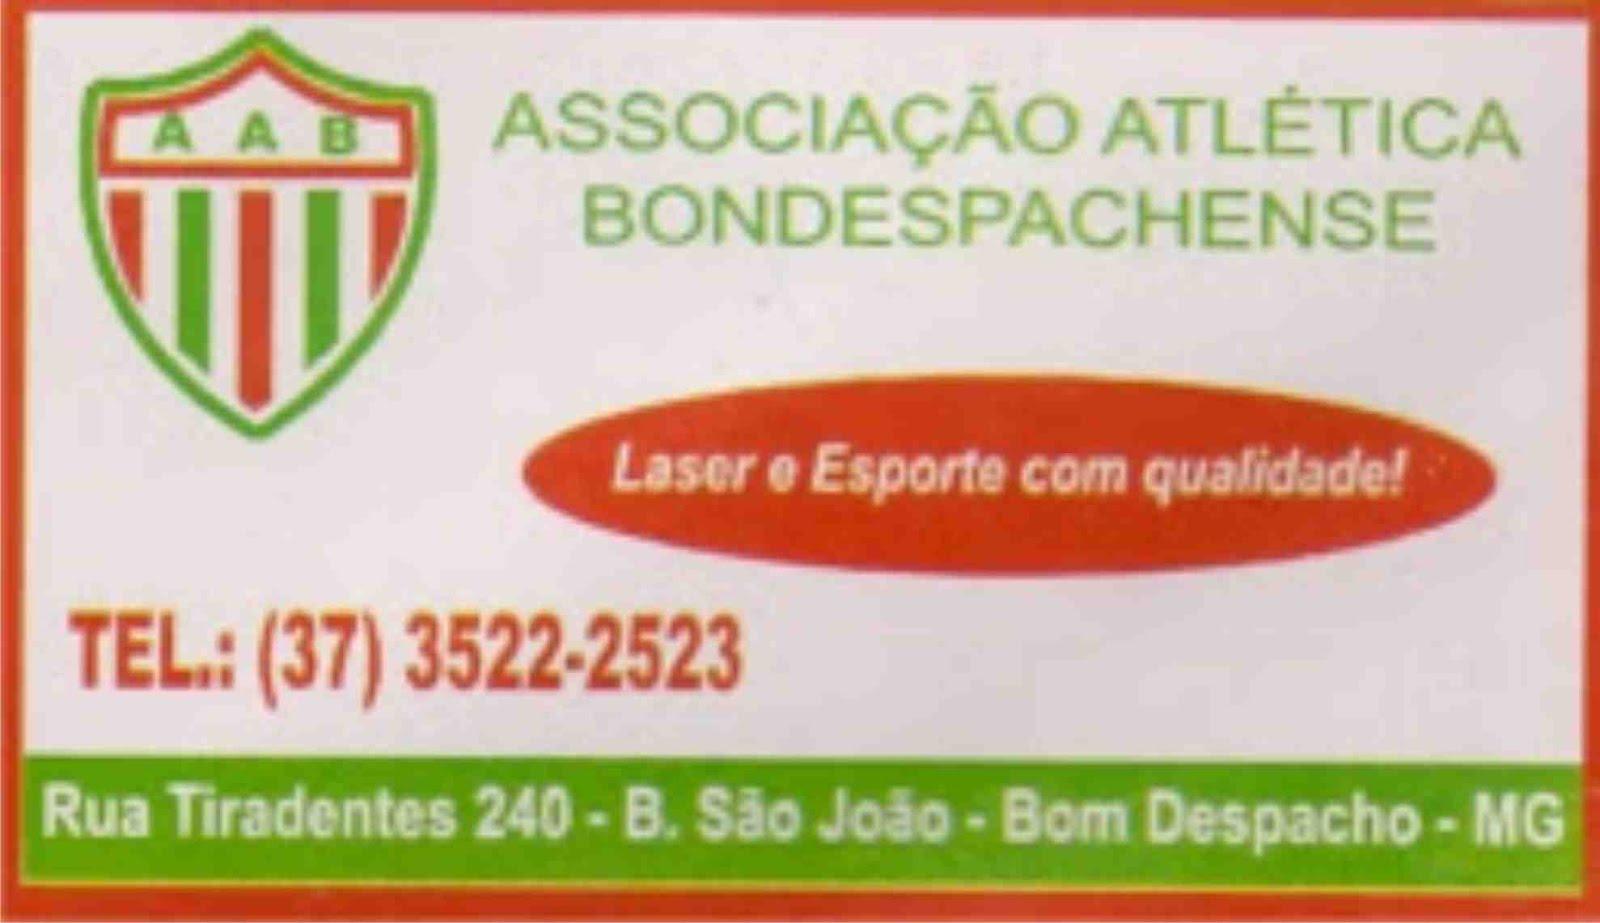 PRAÇA DE ESPORTES B.D.